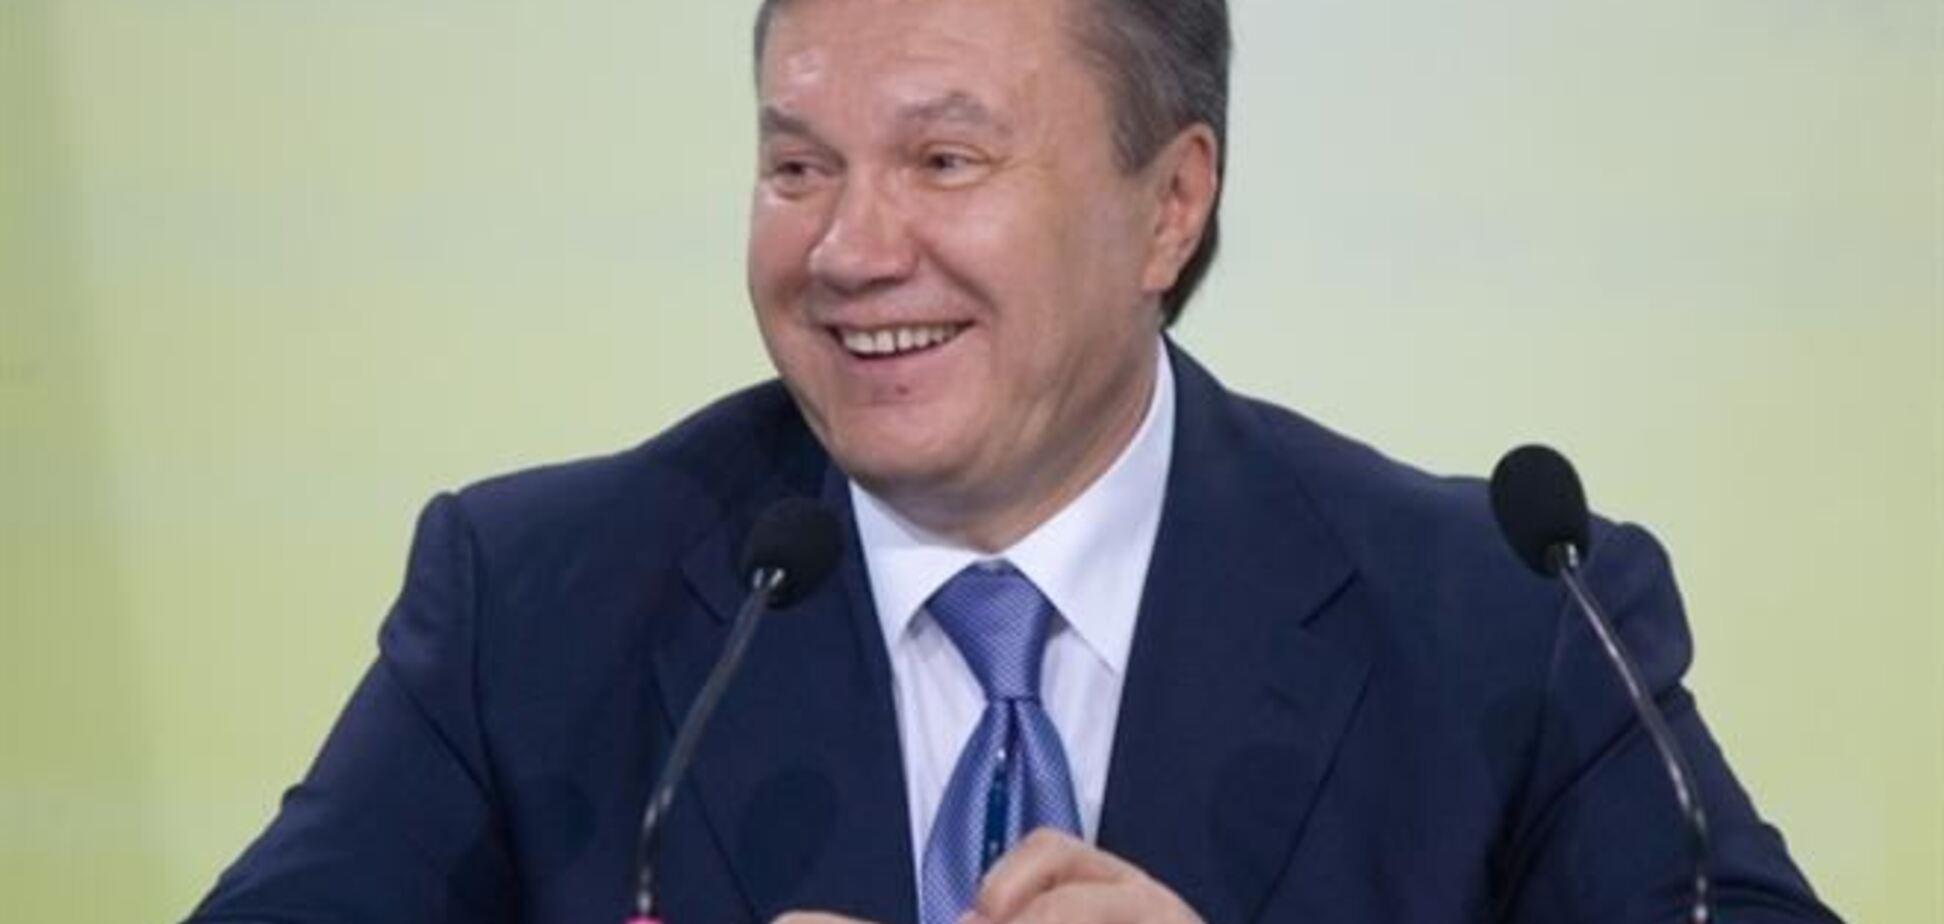 Інформація про відставку Януковича виявилася фейком